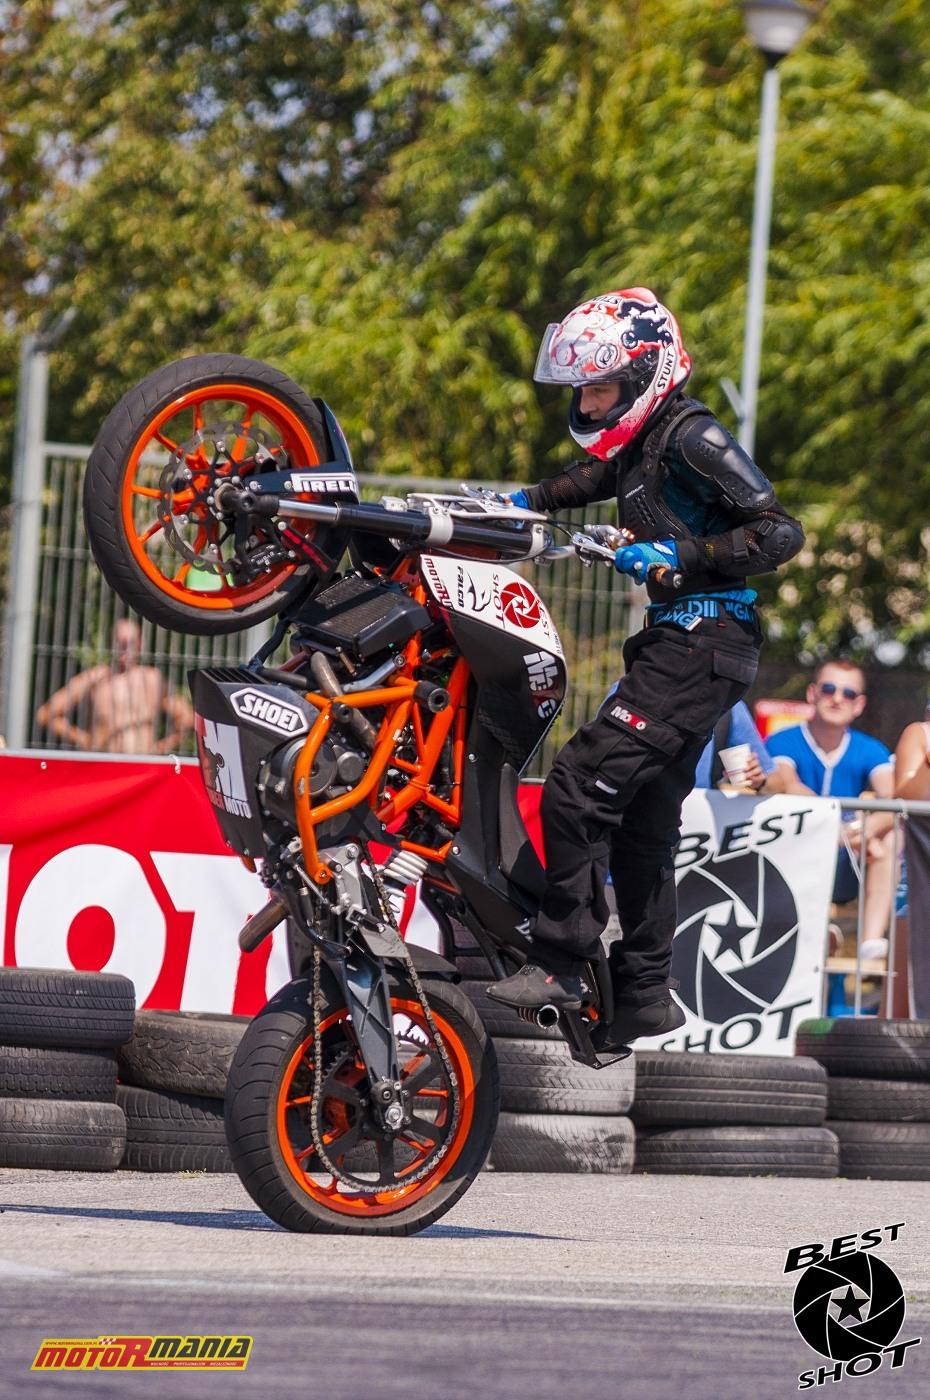 Piotrus Stunt na KTM 390 Duke (32) - fot Best Shot